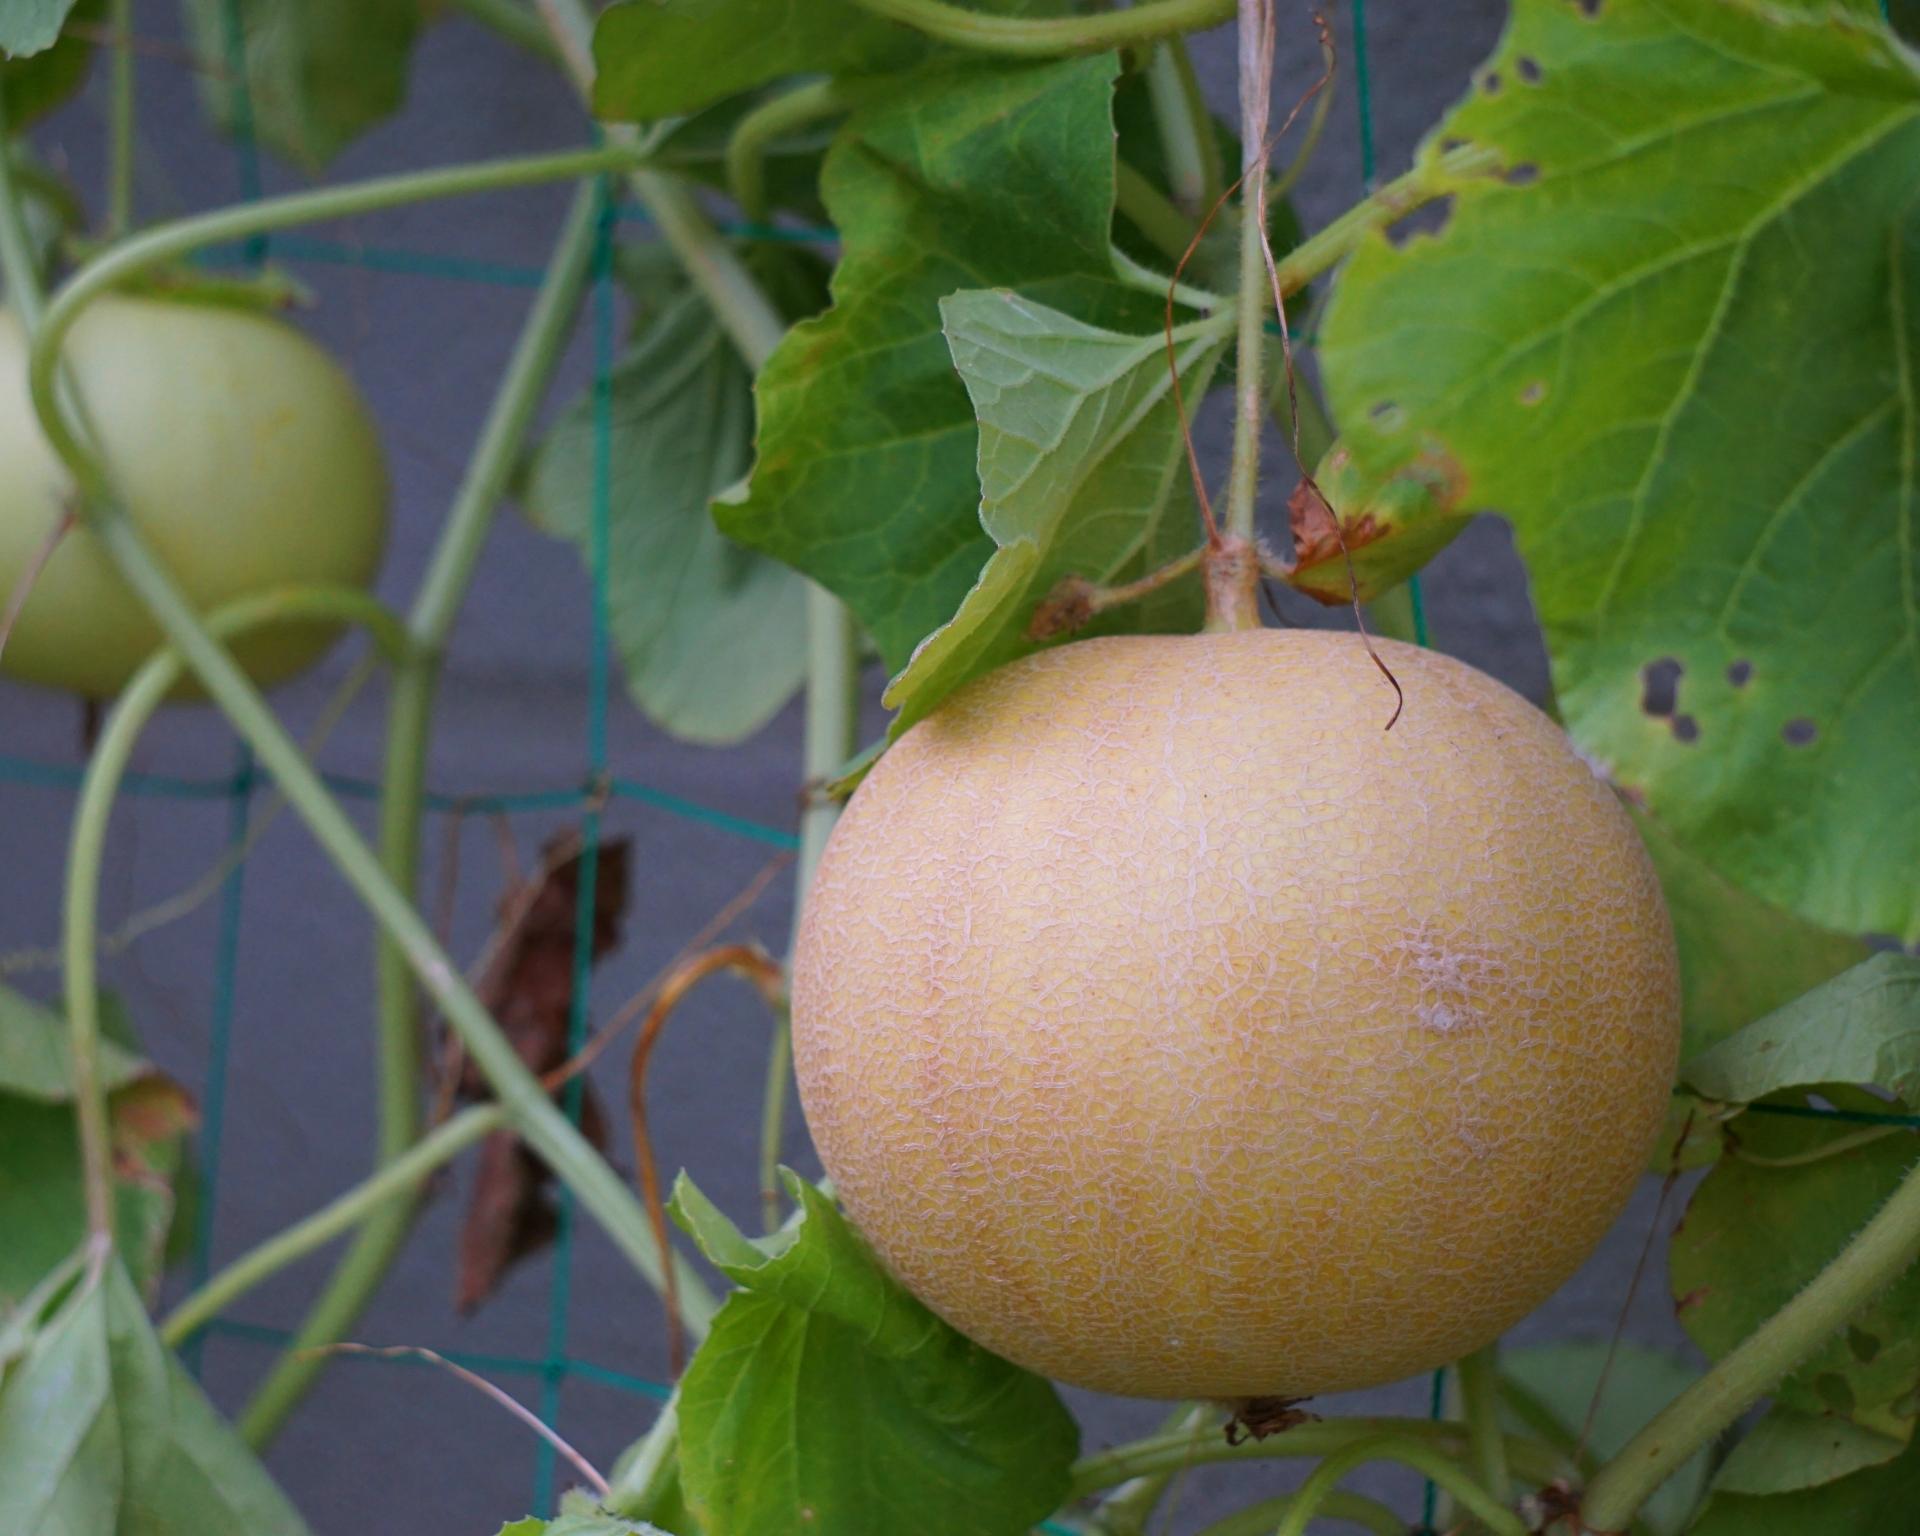 ころたん(ミニメロン)の育て方!受粉のコツや収穫時期の見分け方を紹介!